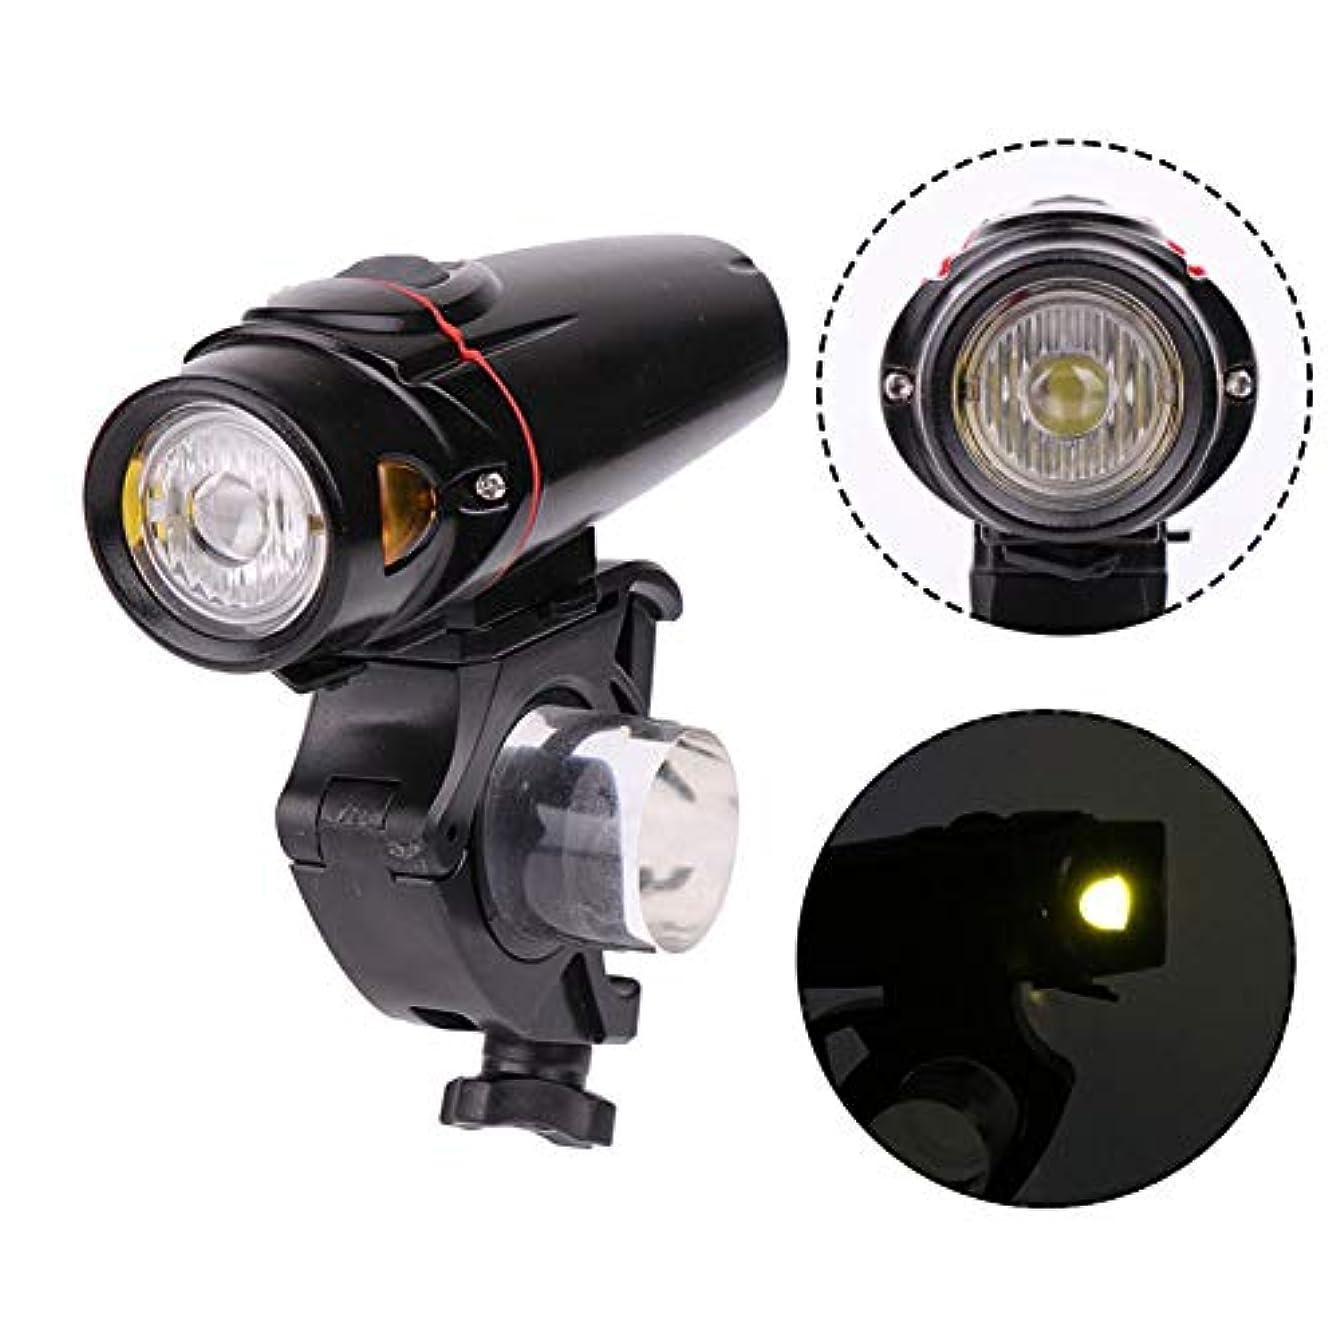 分析復活させる邪魔するACHICOO ヘッドライト 屋外 サイクリング USB充電 ライト LED XPG 自転車 ヘッドランプ 実用的 ツール